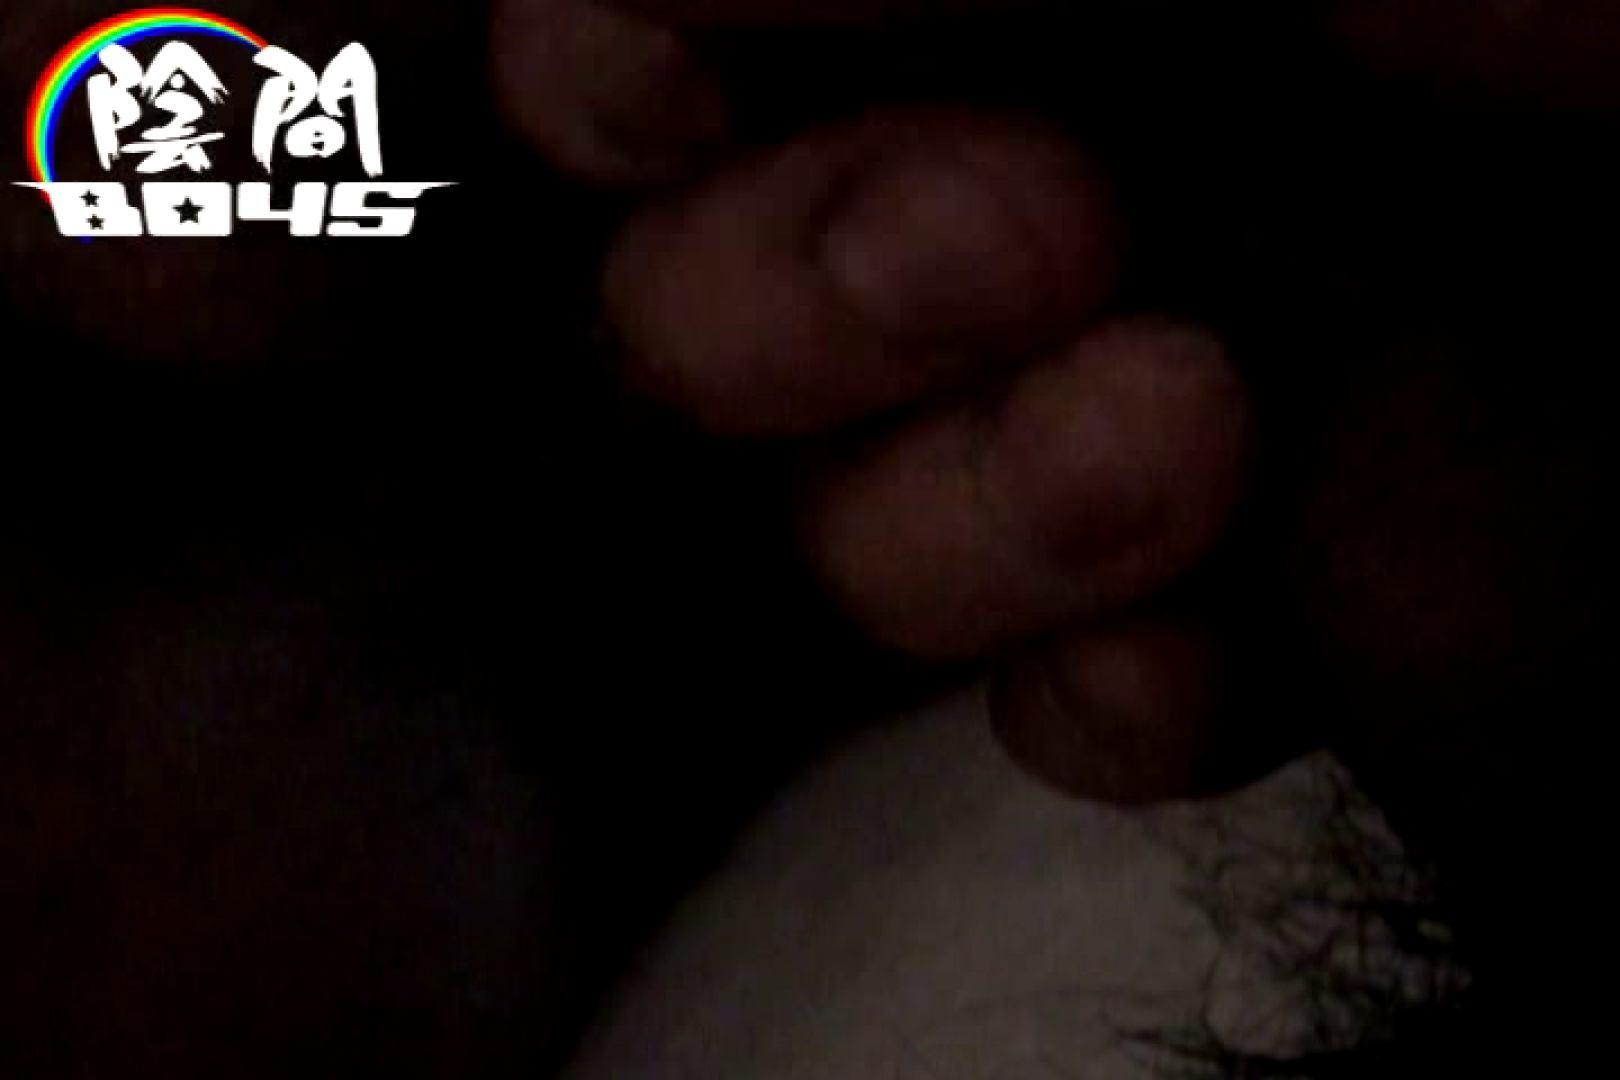 陰間BOYS~Mixed Hot-Guy~03 イケメンパラダイス ゲイ無修正ビデオ画像 76pic 23